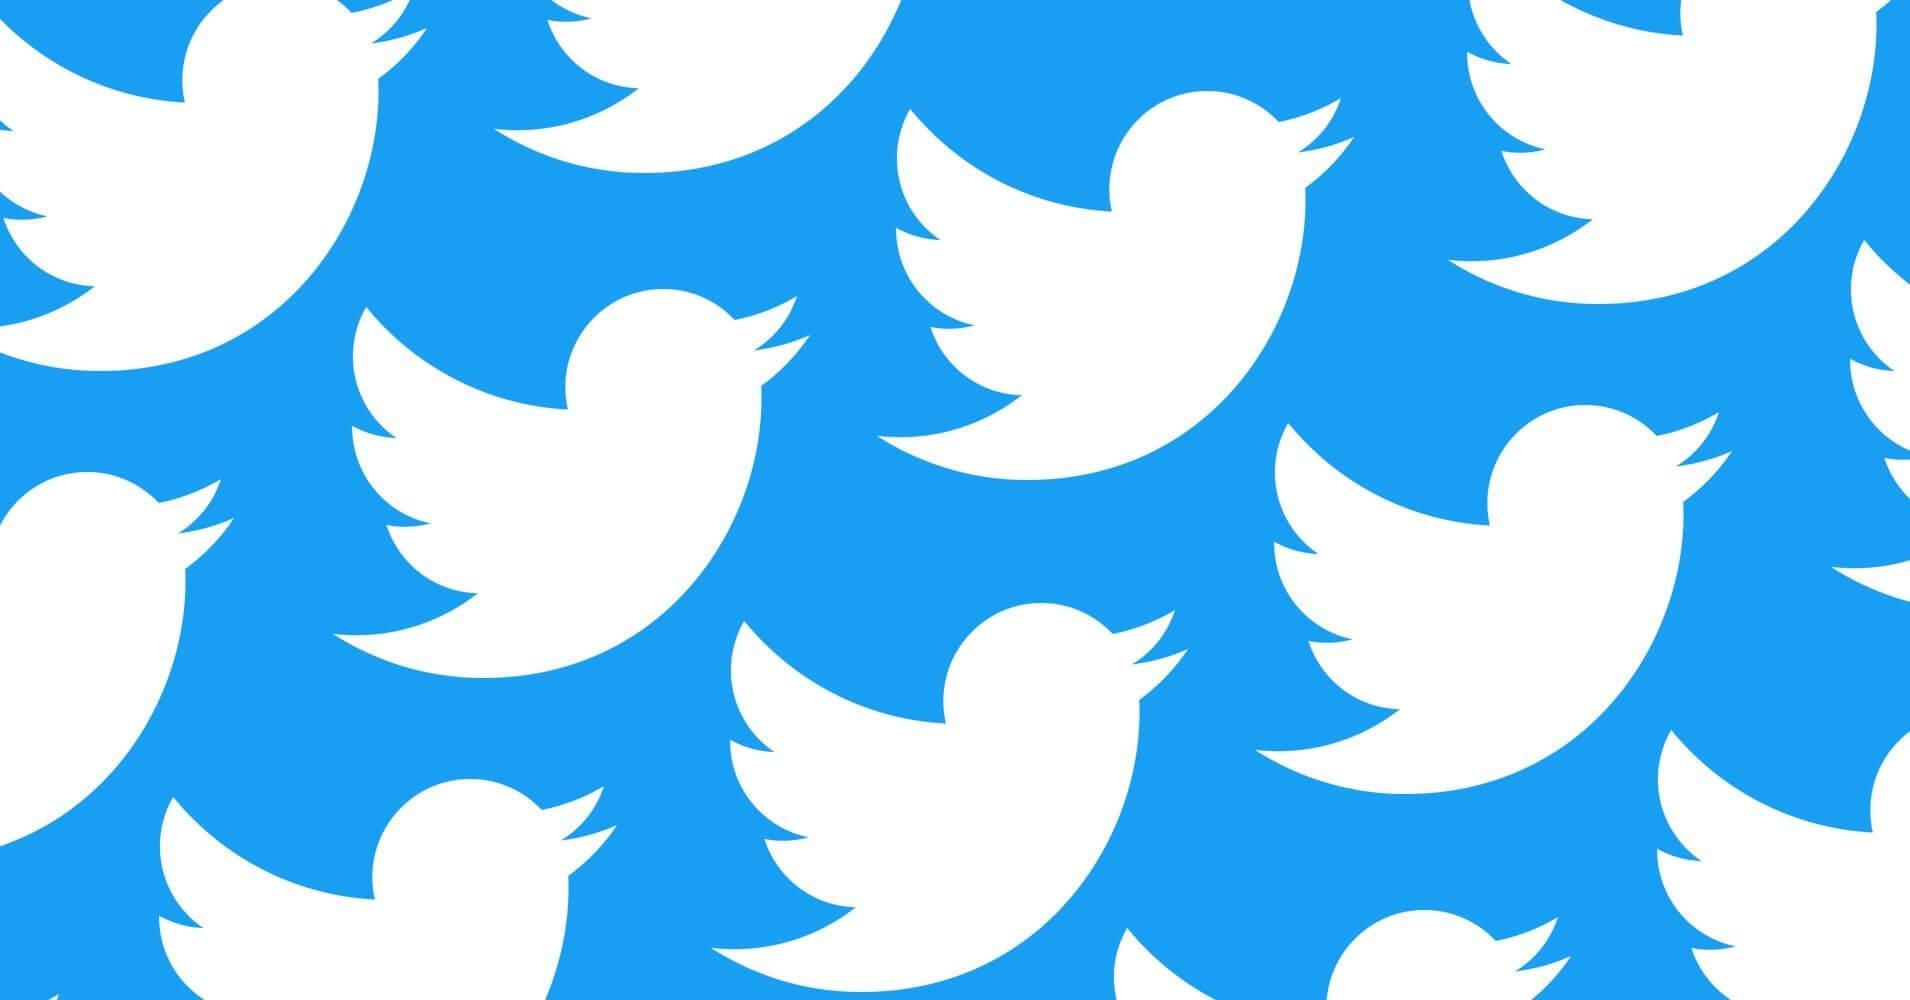 2017 11 17 image 16 - Twitter encerrará suporte ao macOS